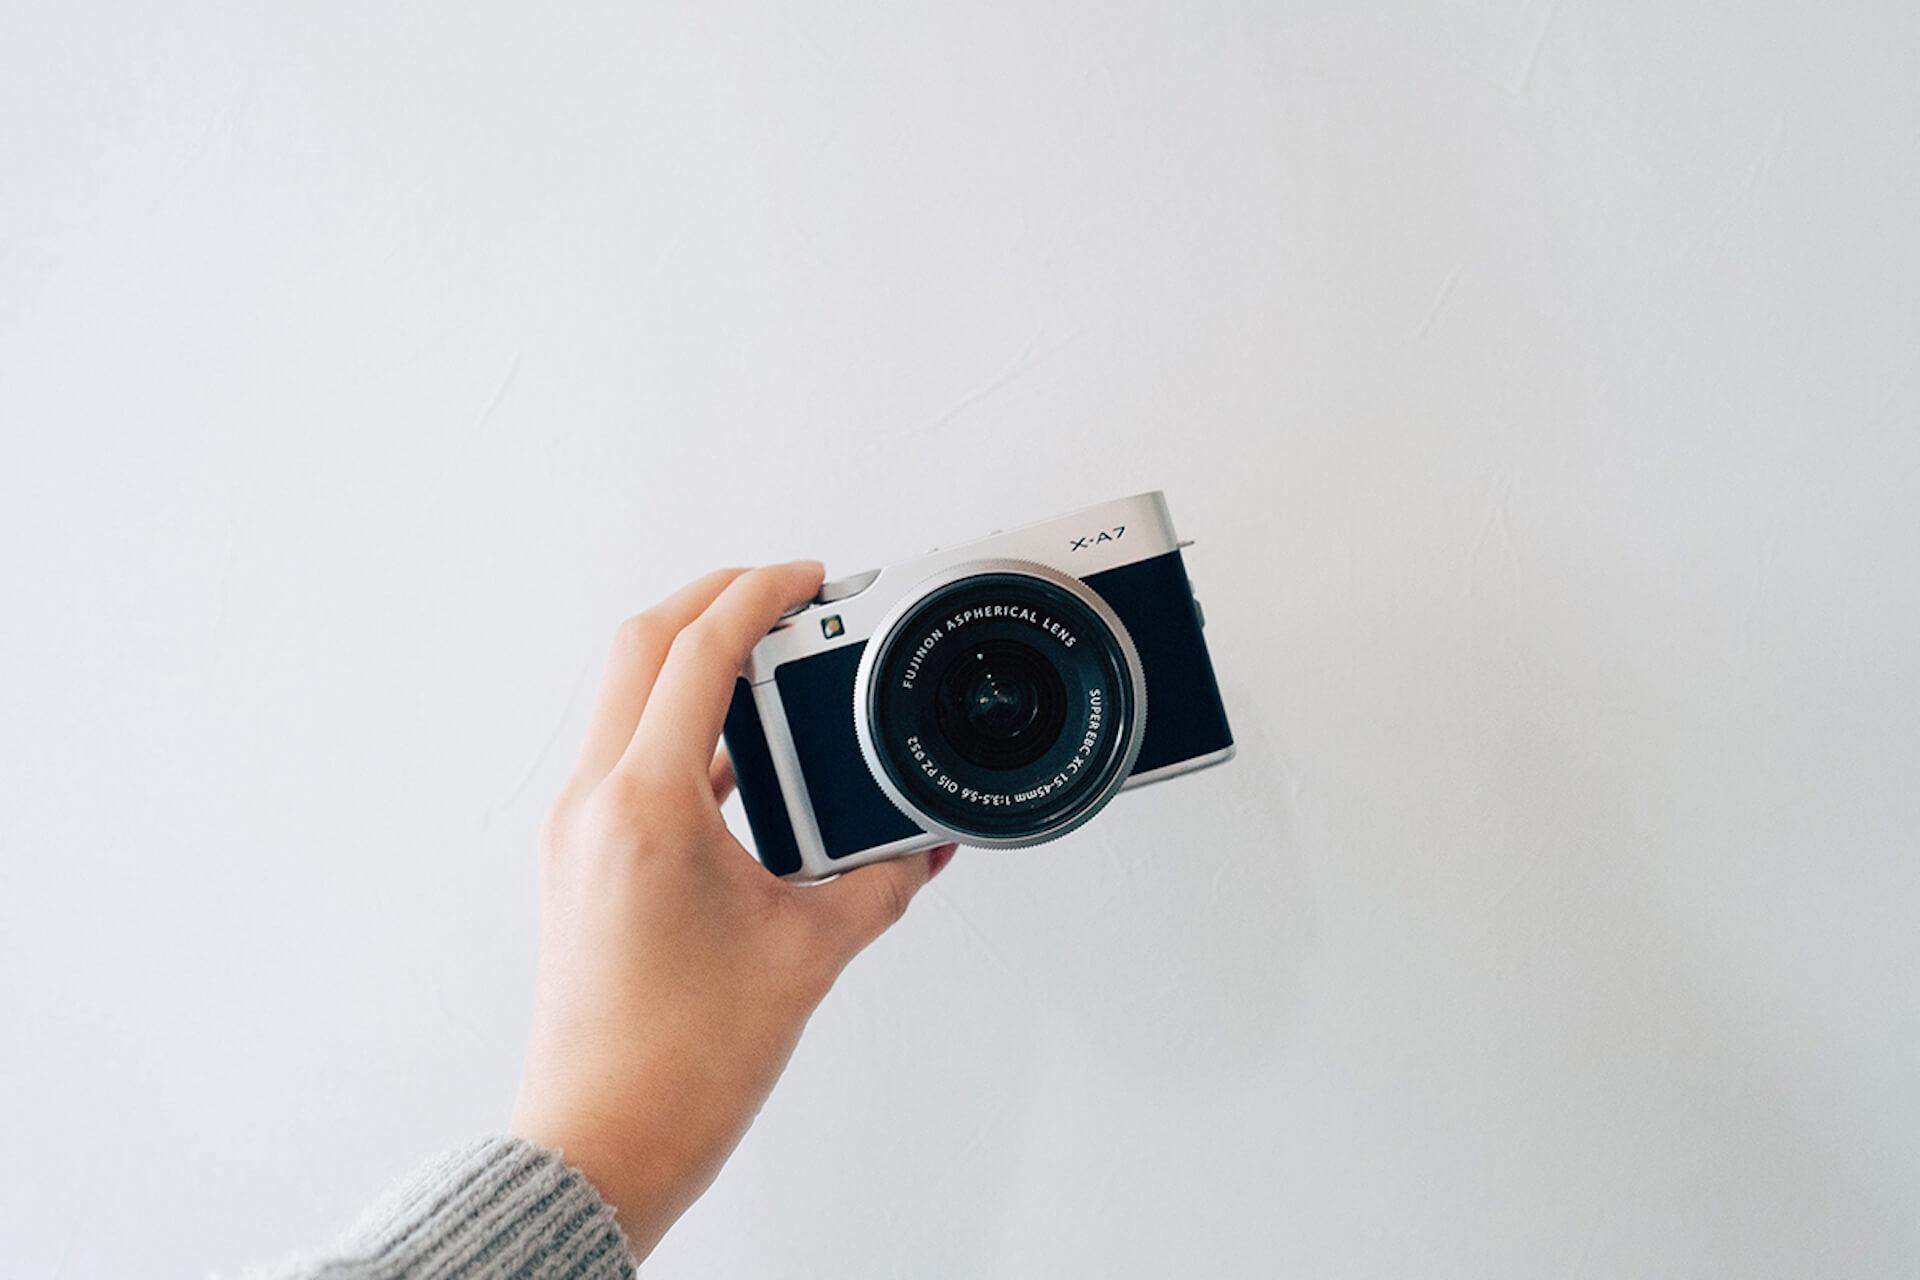 簡単&手軽にワンランク上の写真体験を。FUJIFILM新機種『X-A7』レビュー tech200123_xa7_2